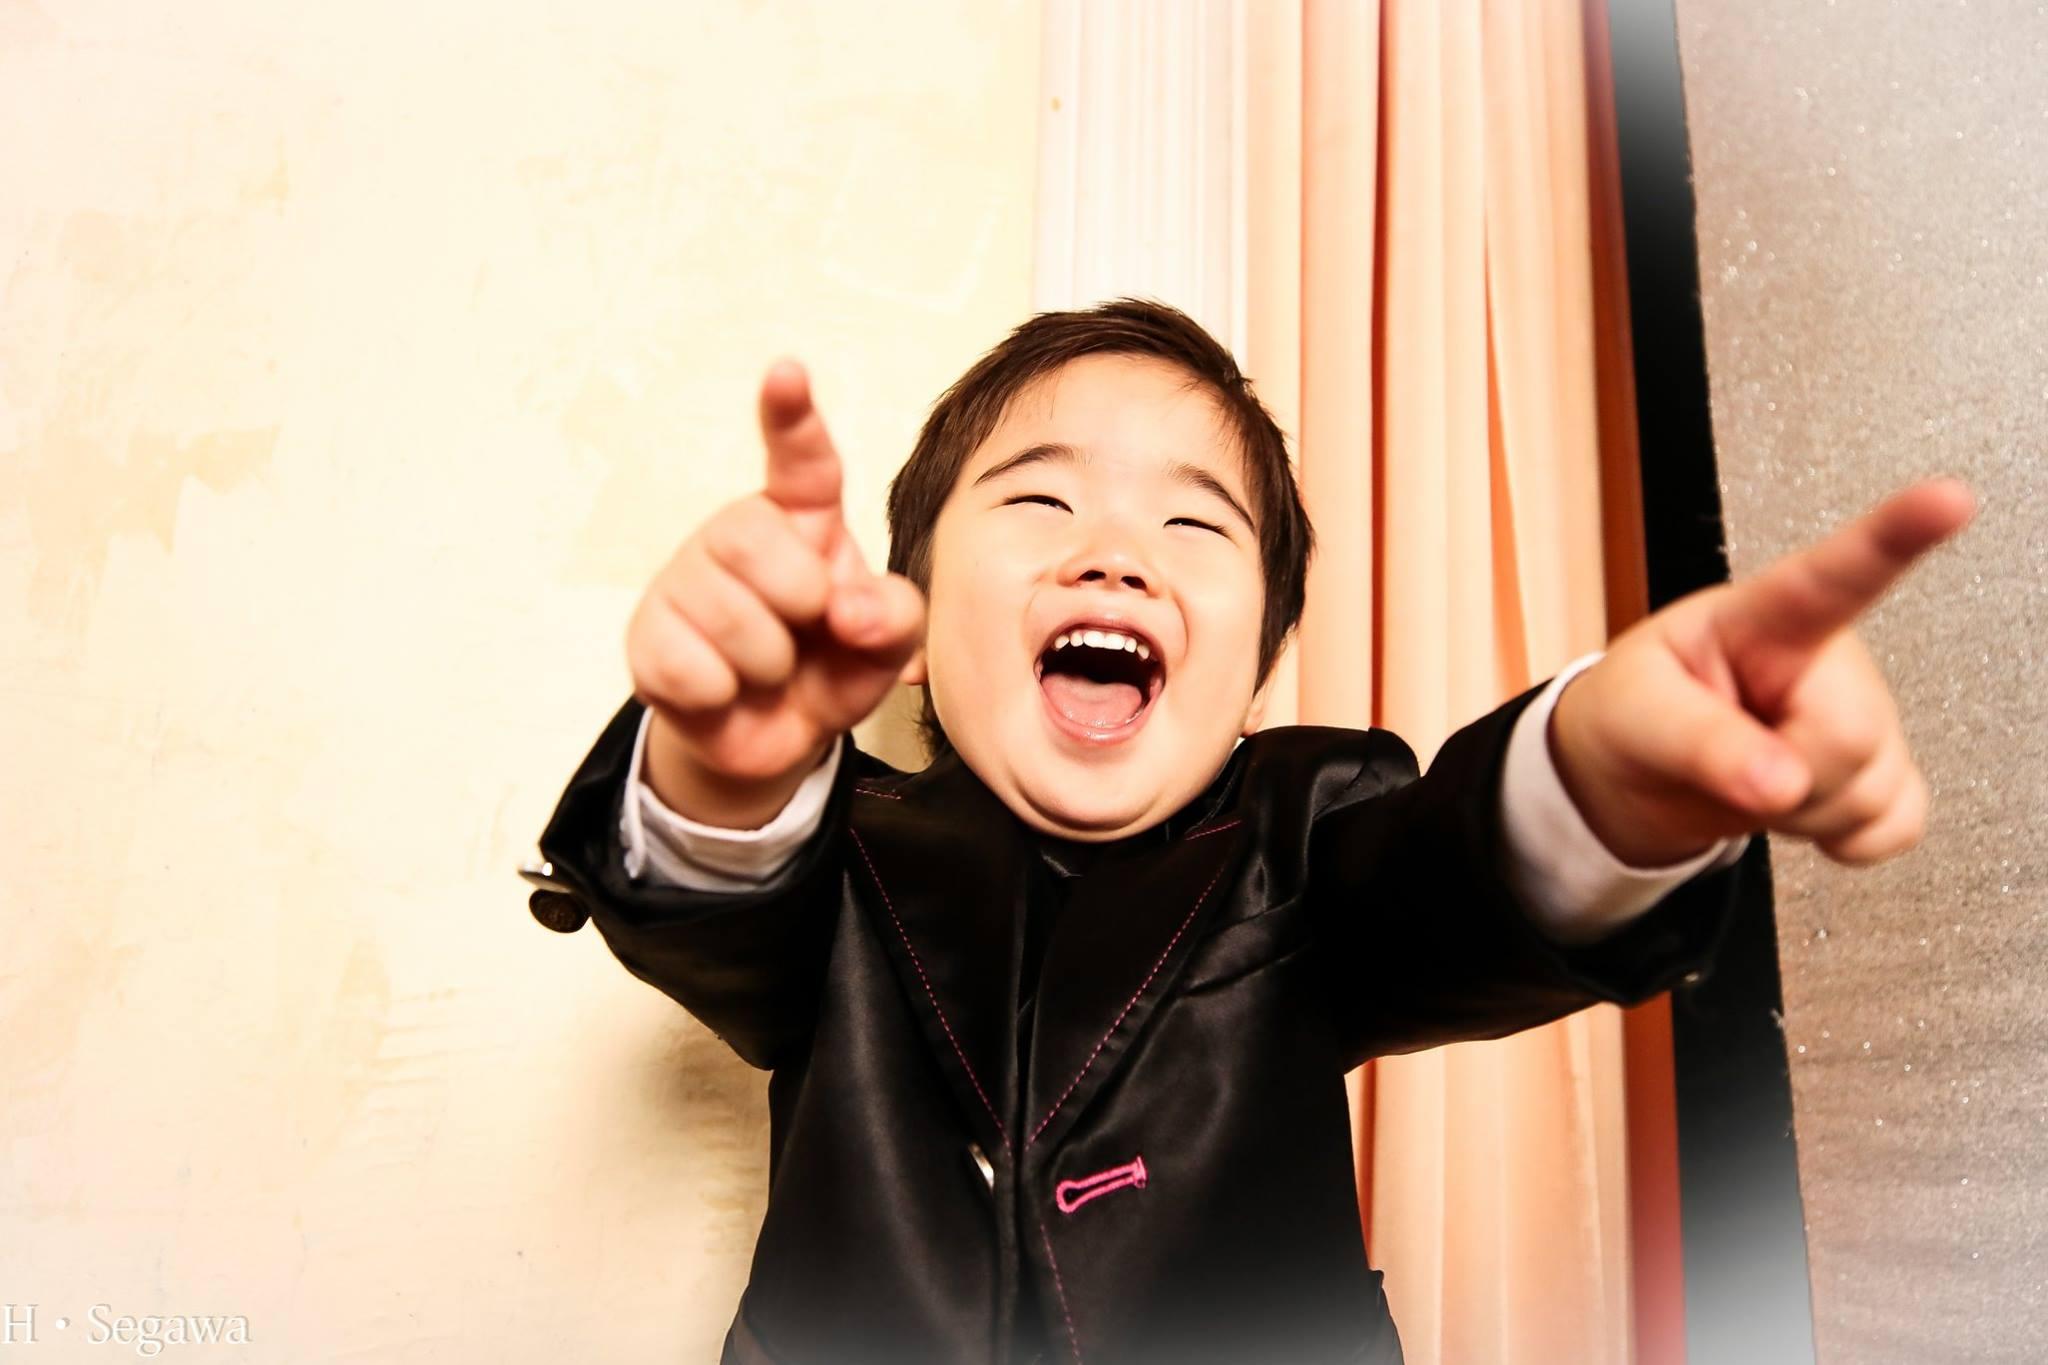 3歳イヤイヤ期でも笑顔の七五三写真を撮影する方法?vol.2